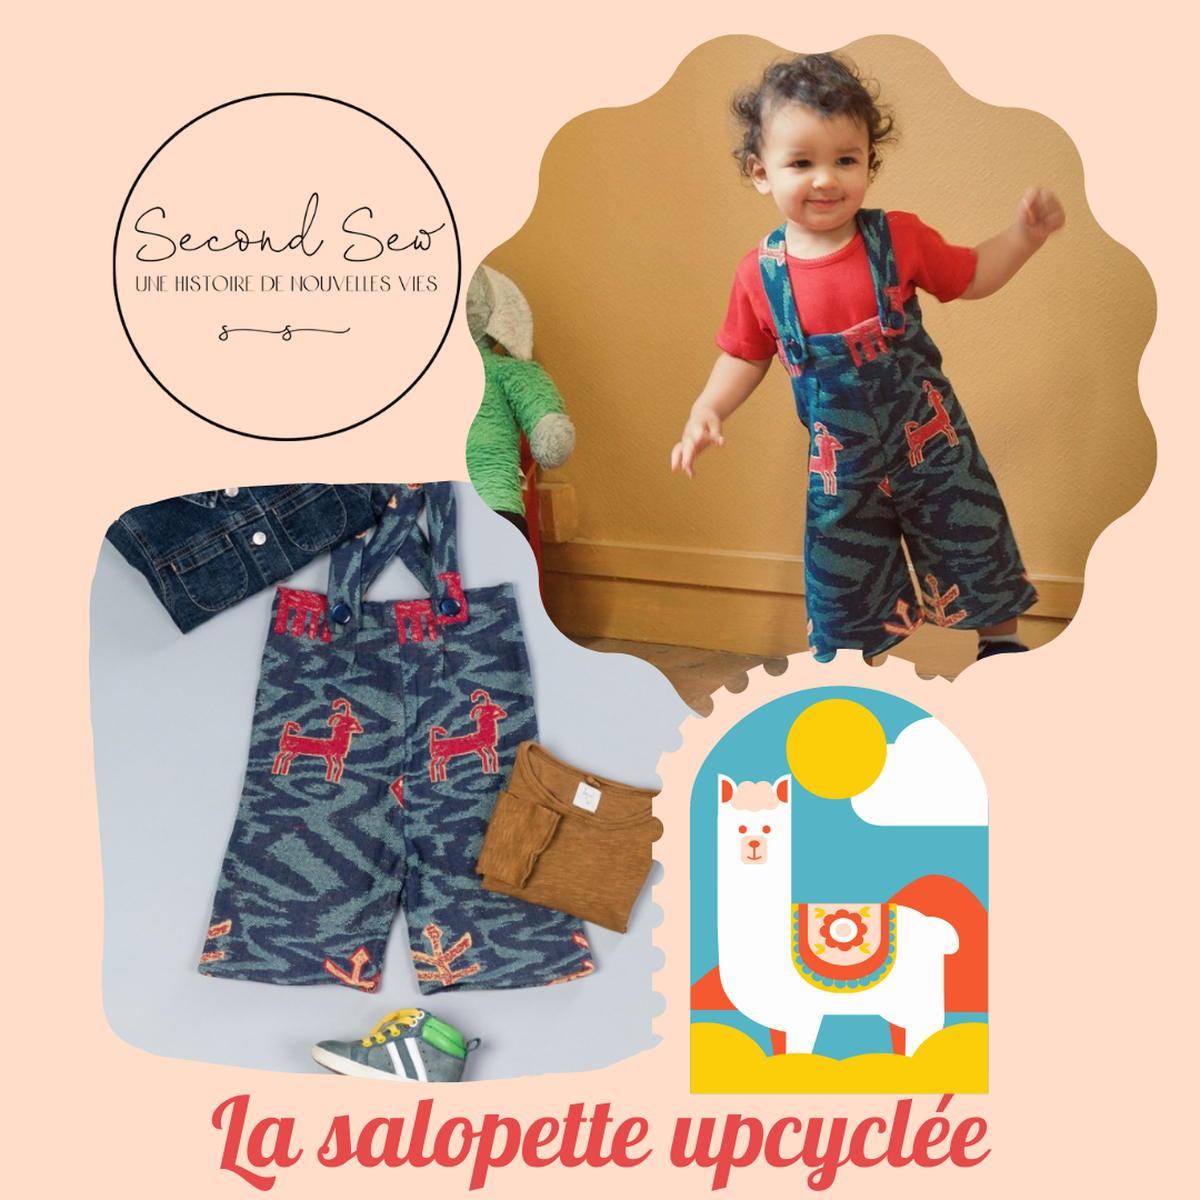 SloWeAre - 6 idées pour habiller les enfants - éco-responsble - salopette - garçon - Second Sew - - upcycling - Made in France.